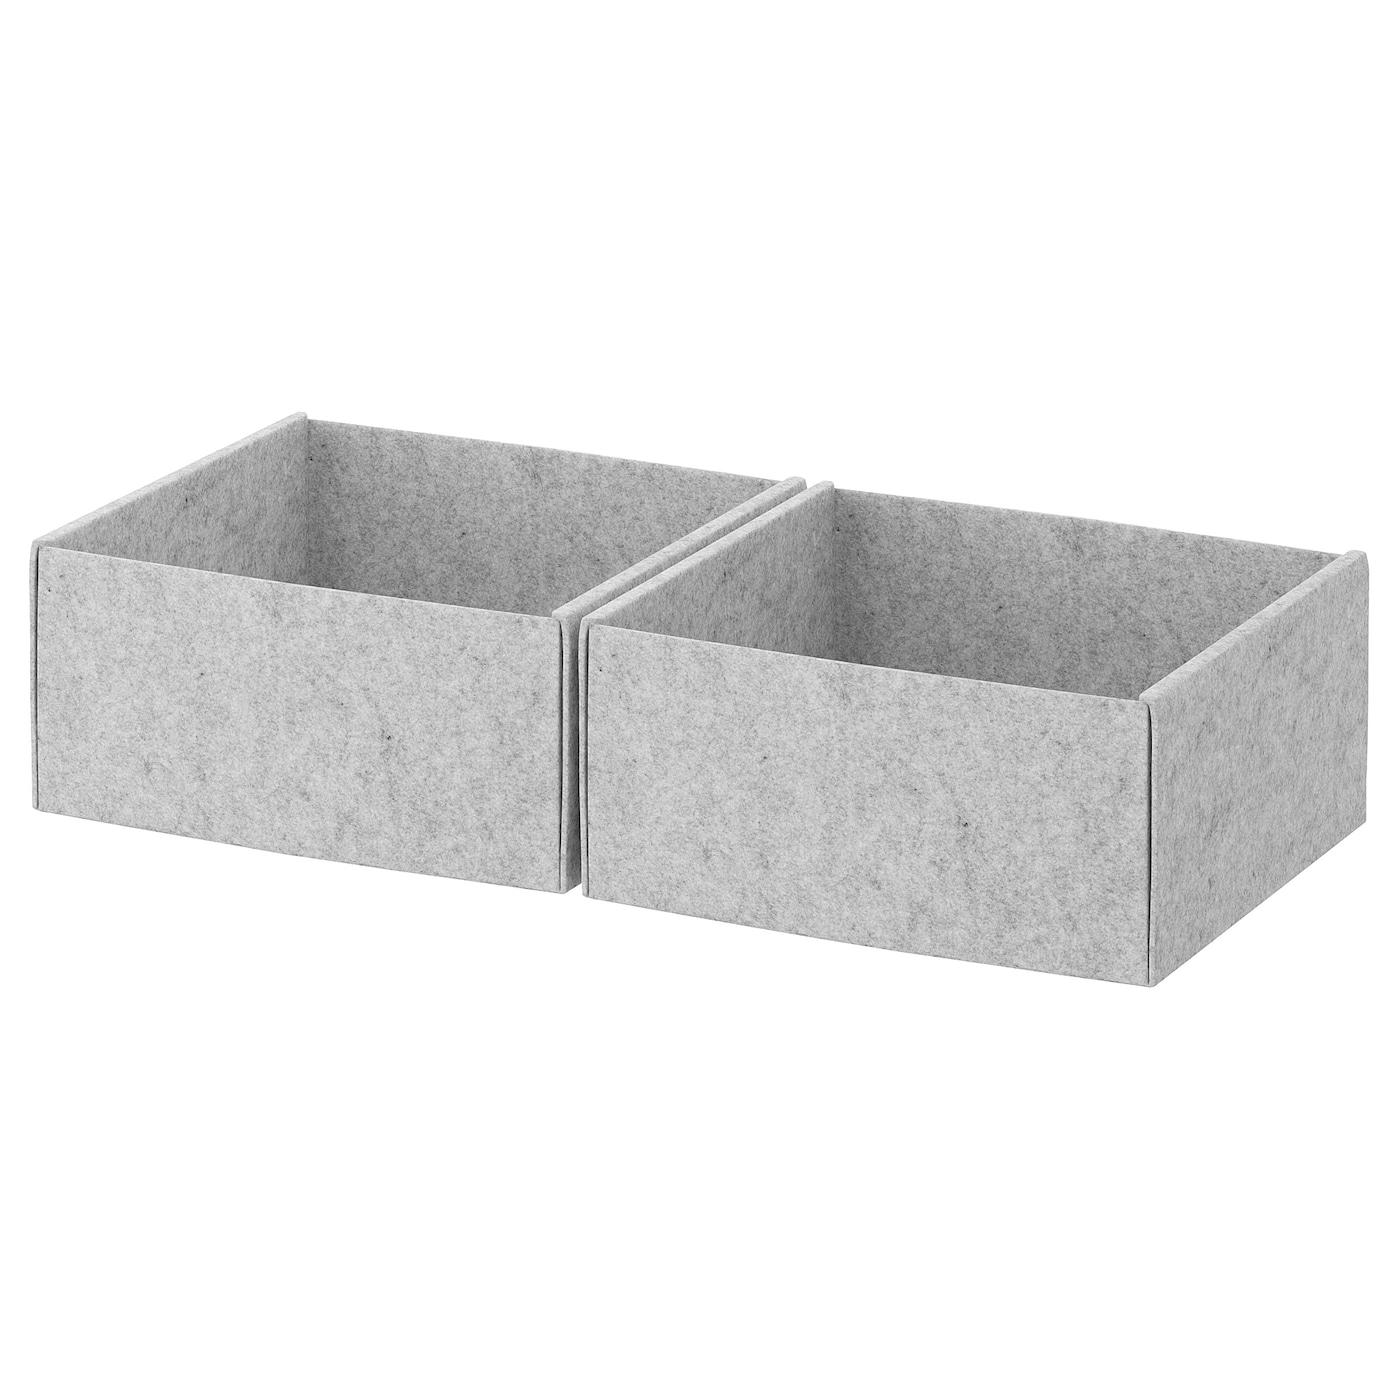 KOMPLEMENT Box - 27 x 25 x 12 - 2er Set